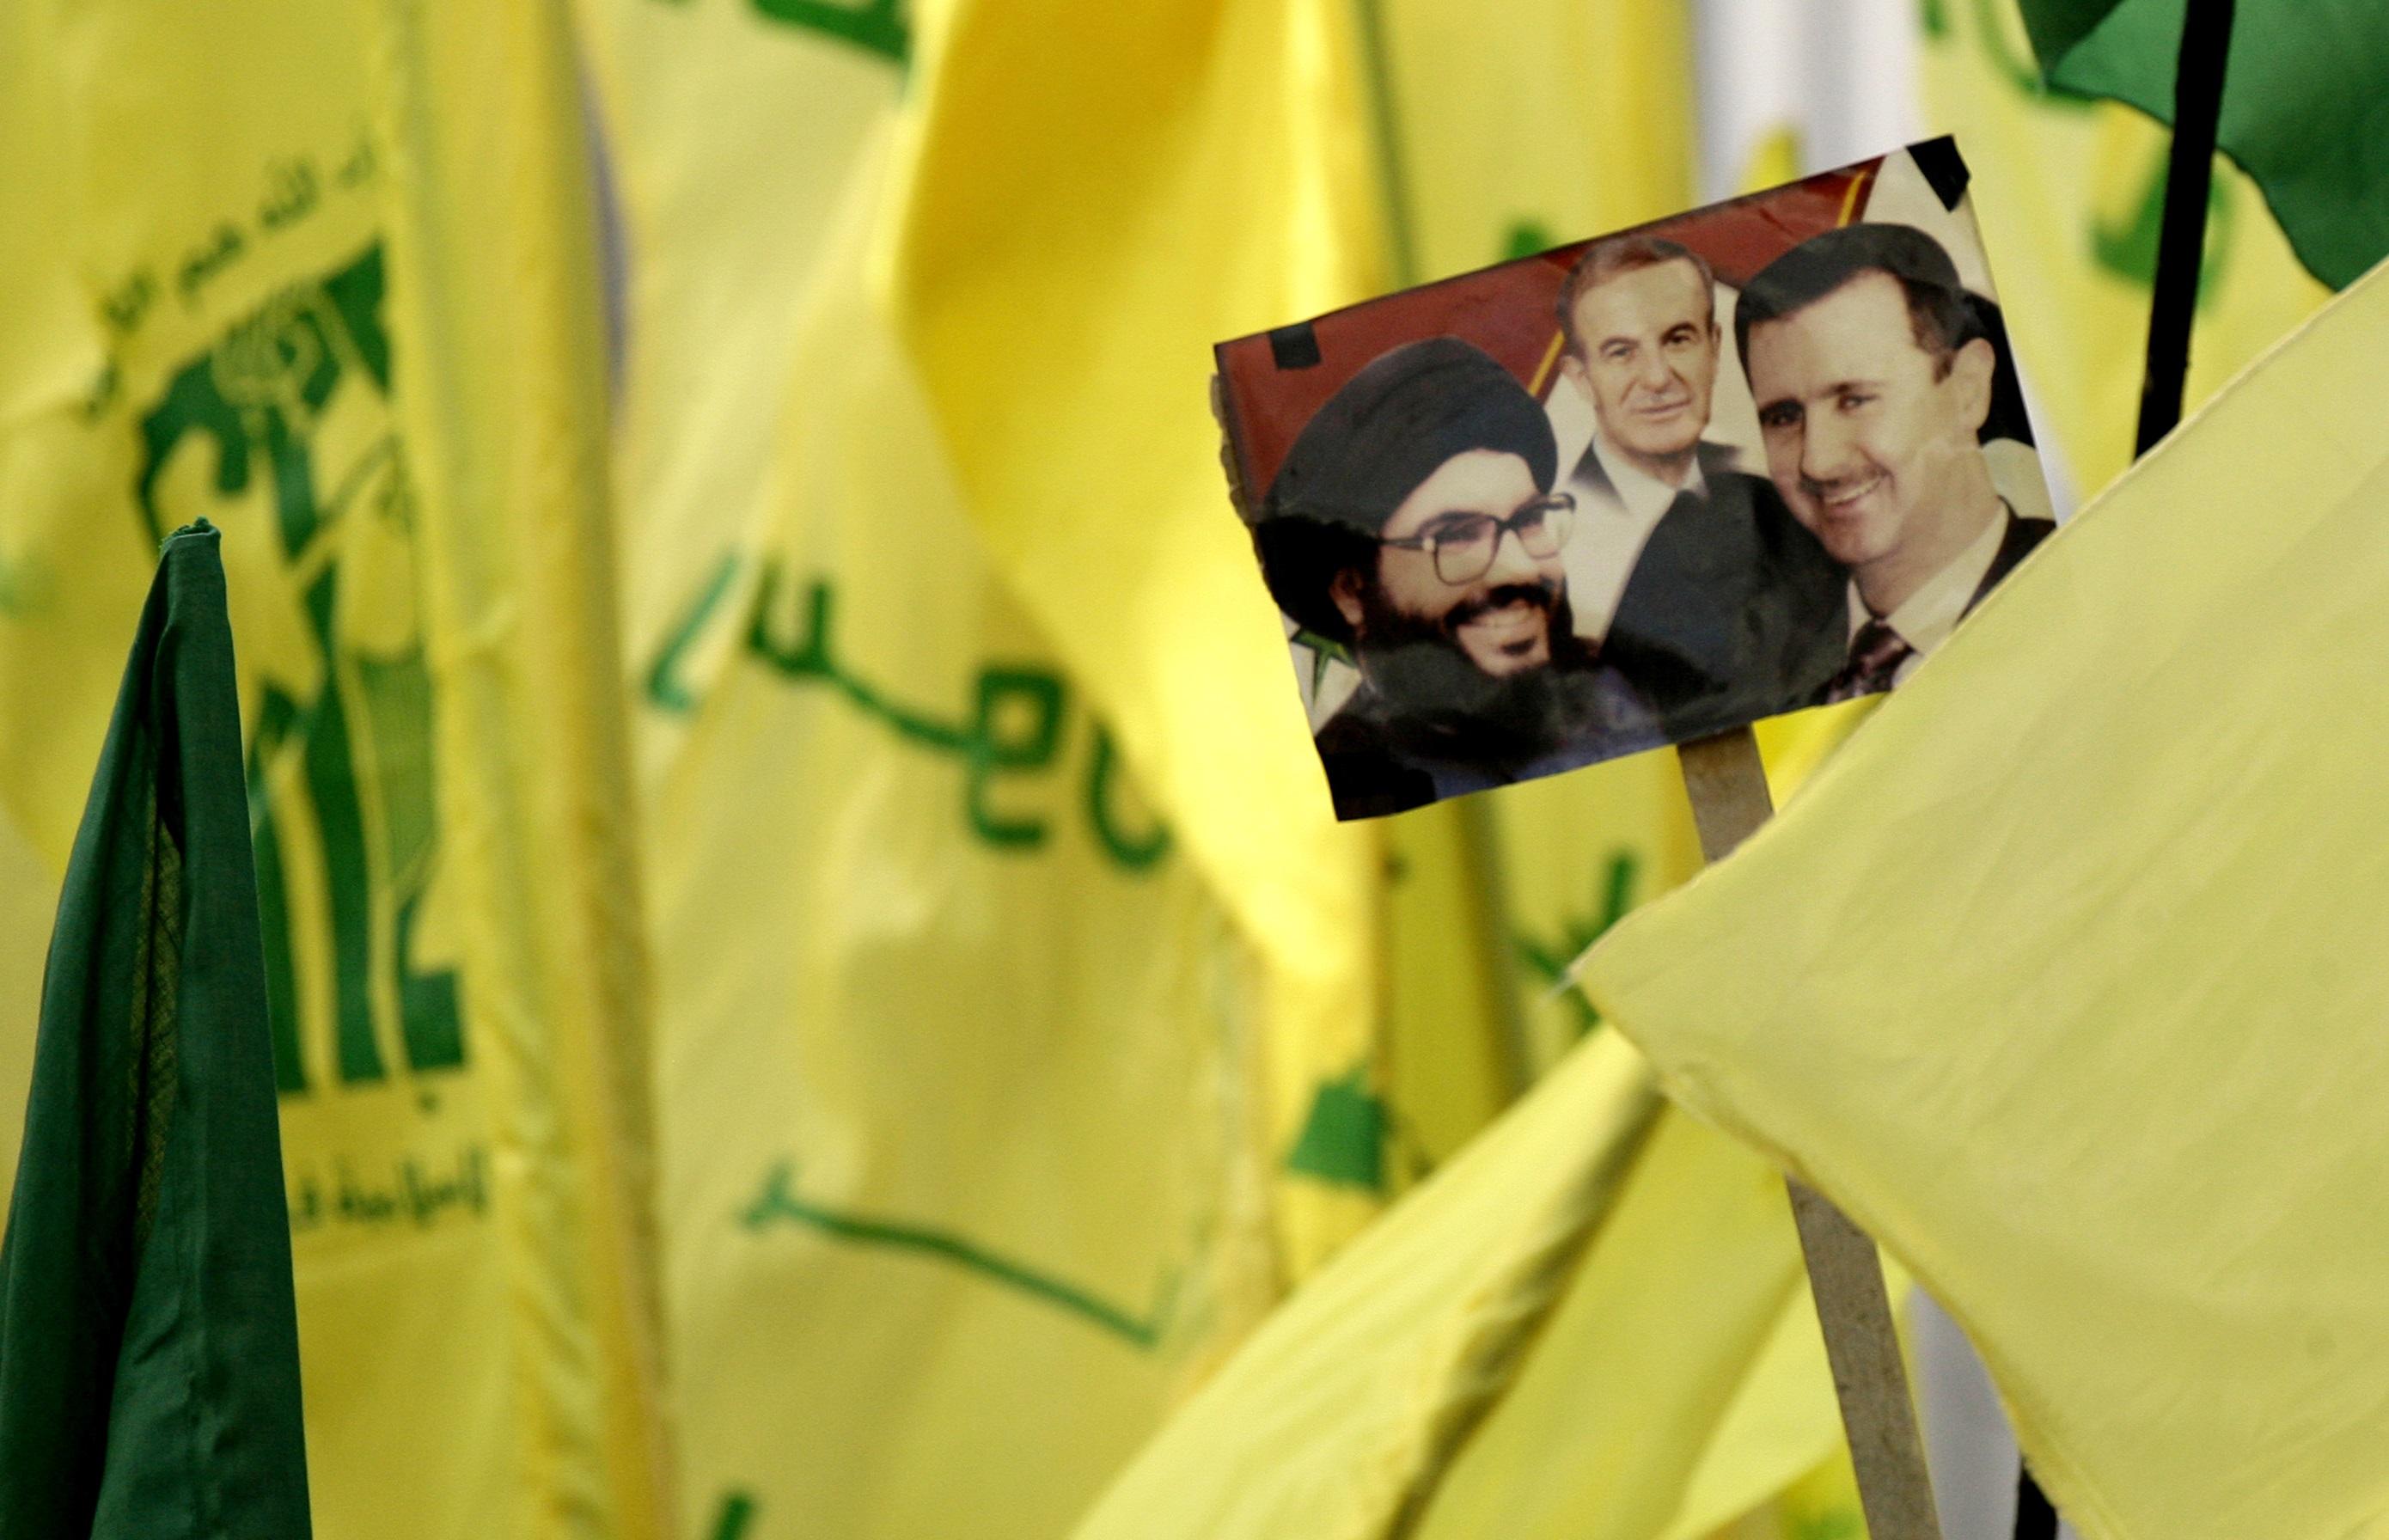 وفاة حافظ الأسد وخلافة ابنه بشار كانت نقطة تحول في مسار حزب الله في لبنان.